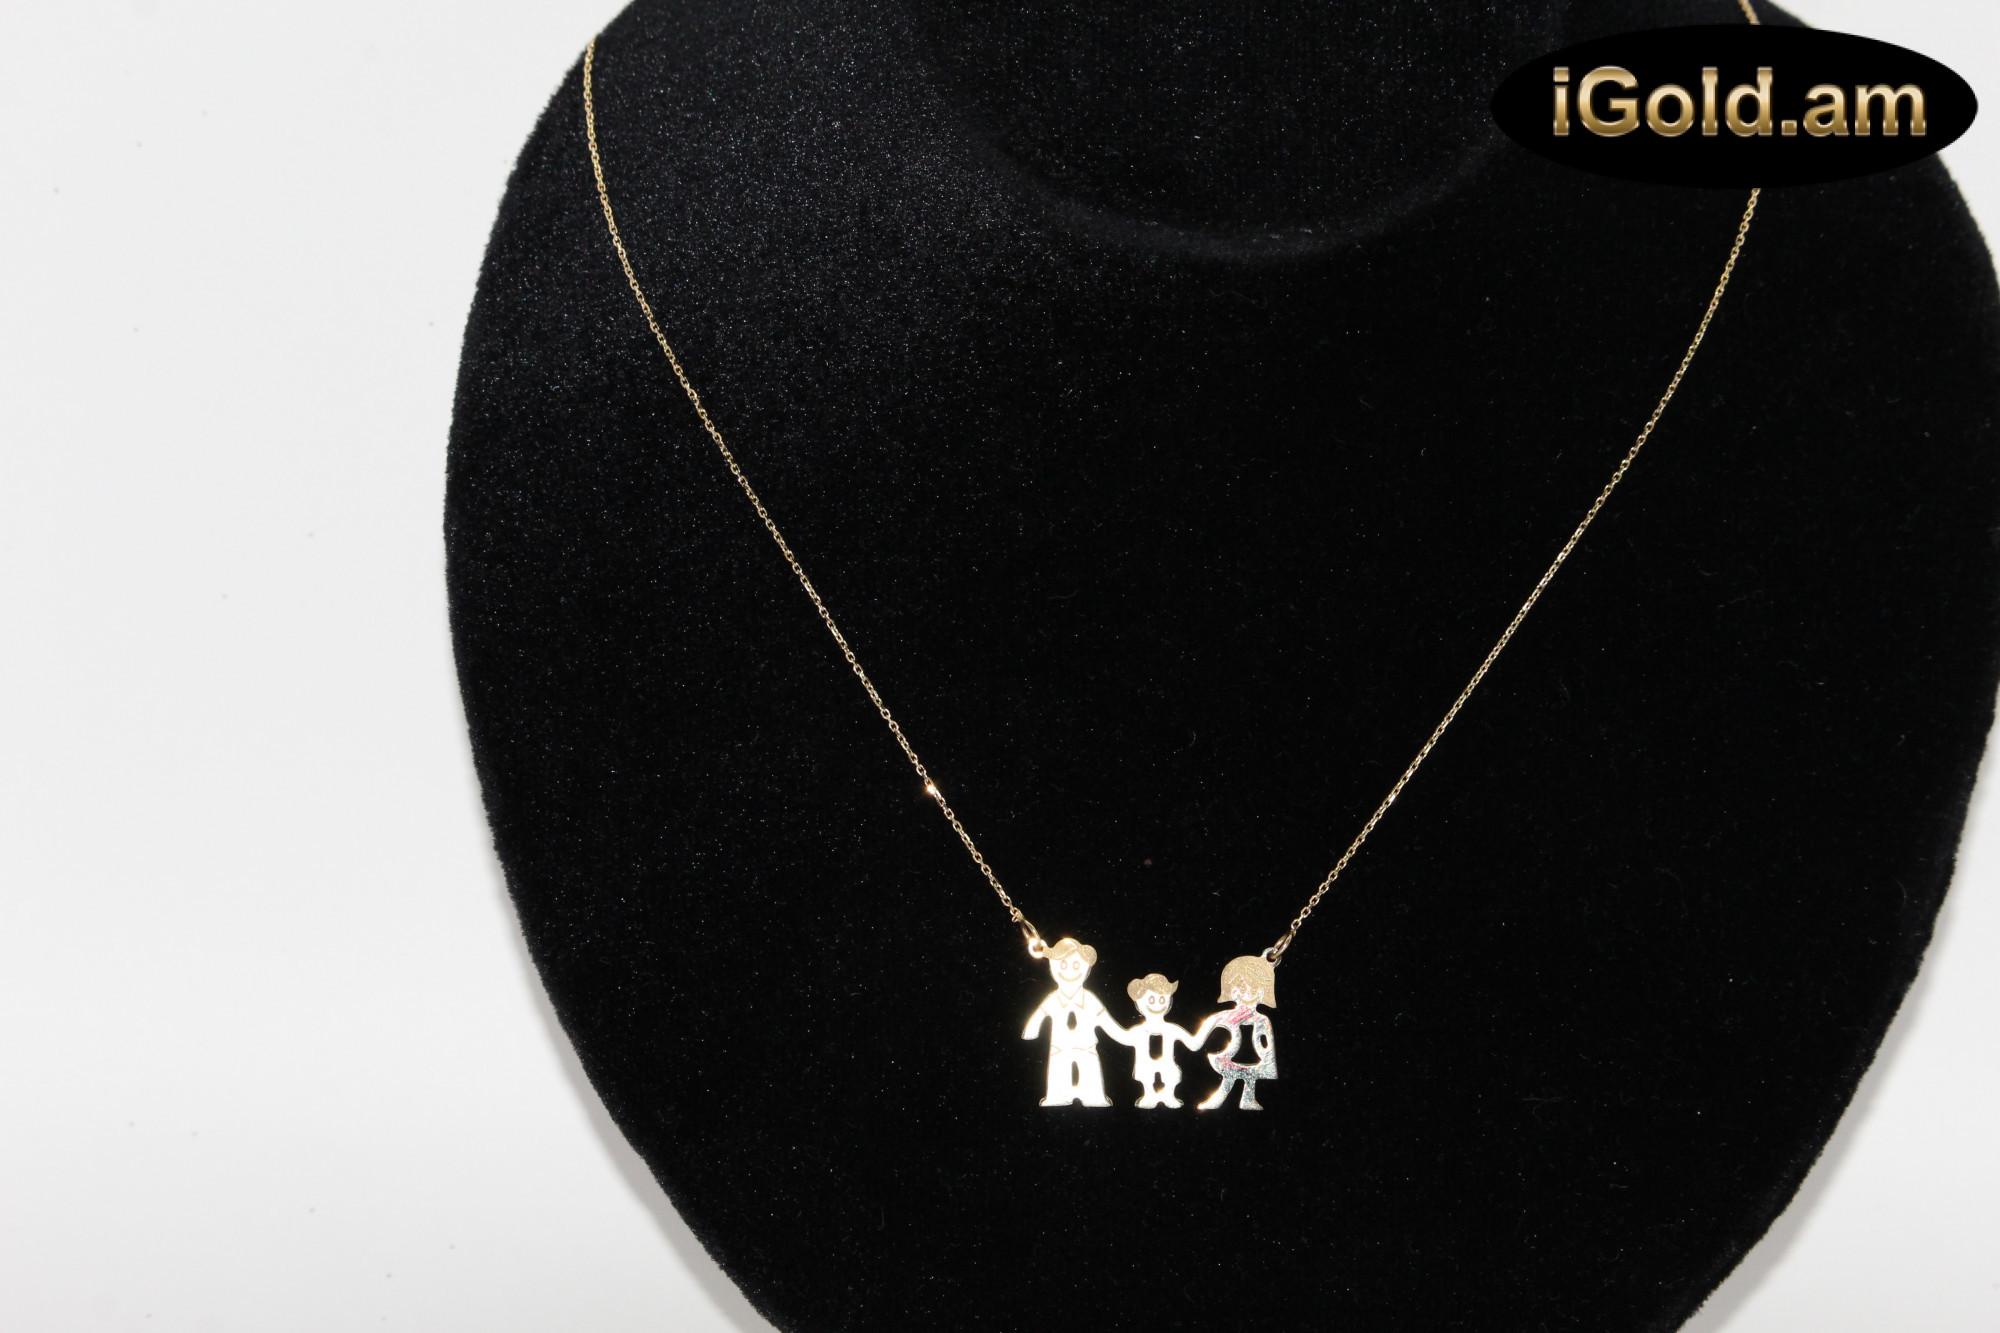 Ոսկյա կանացի, տղամարդու, մանկական շղթա կոդ 100-102 voskya kanaci, txamardu, mankakan shxta kod 100-102